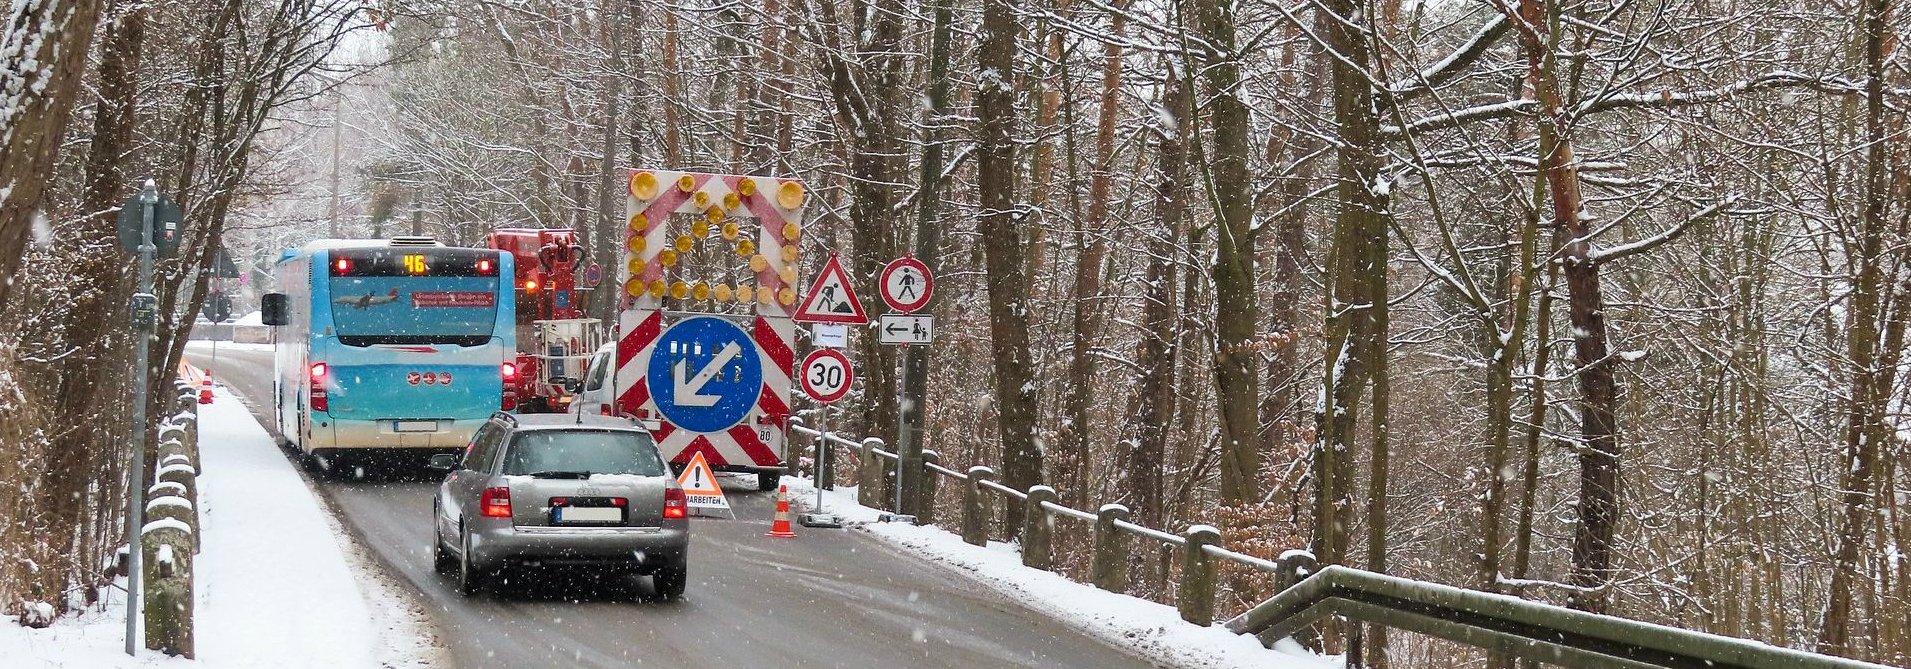 winterdienst_streuguebehaelter_transoplast-003